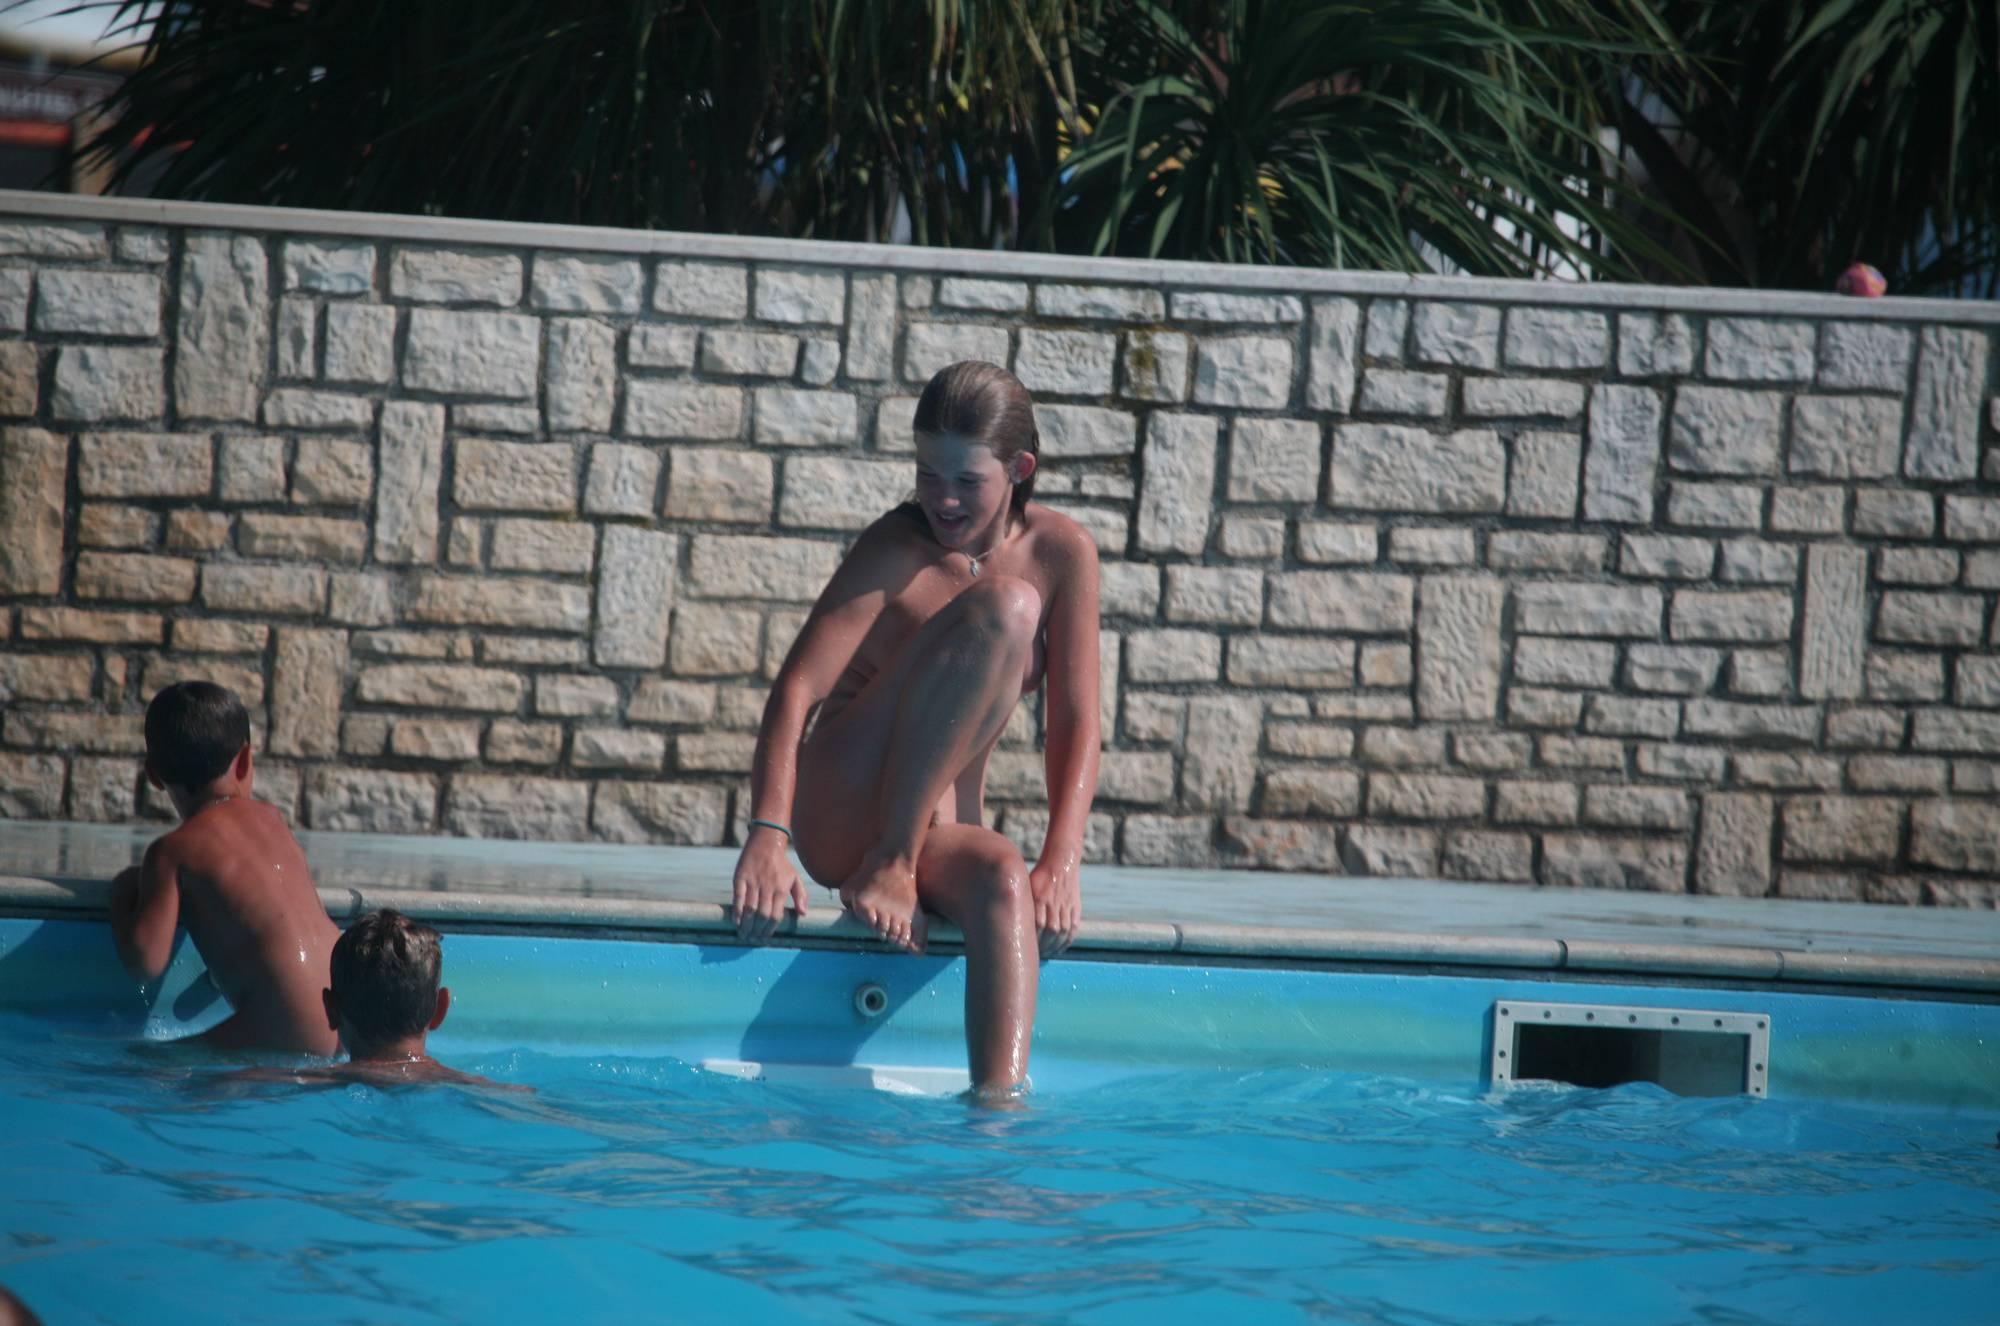 Pool Teenager Chaperon - 3